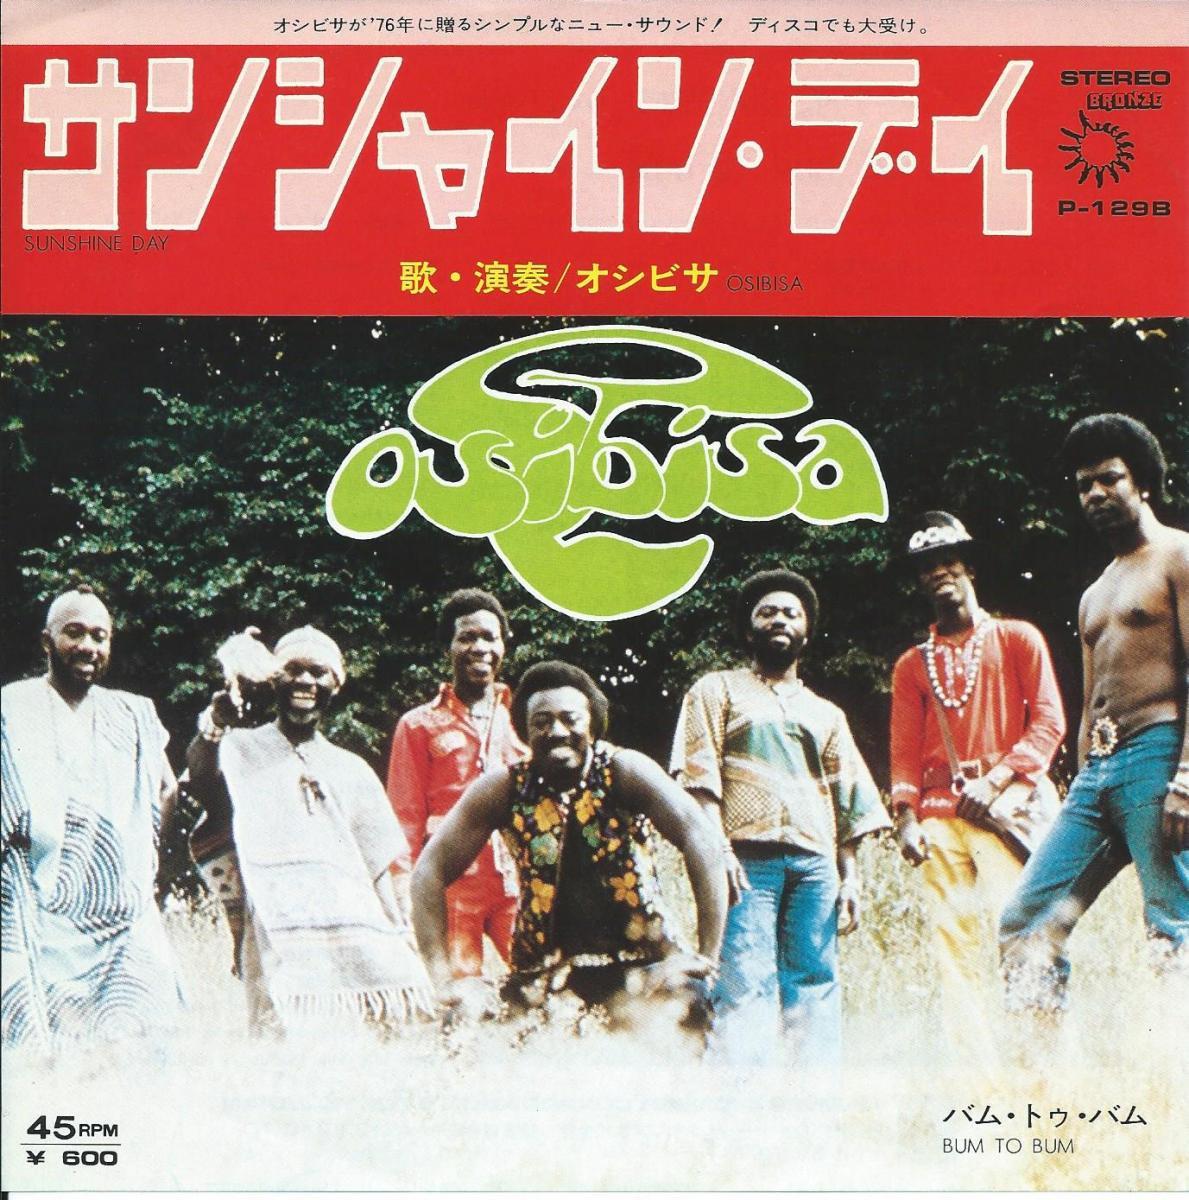 オシビサ OSIBISA / サンシャイン・デイ SUNSHINE DAY (7